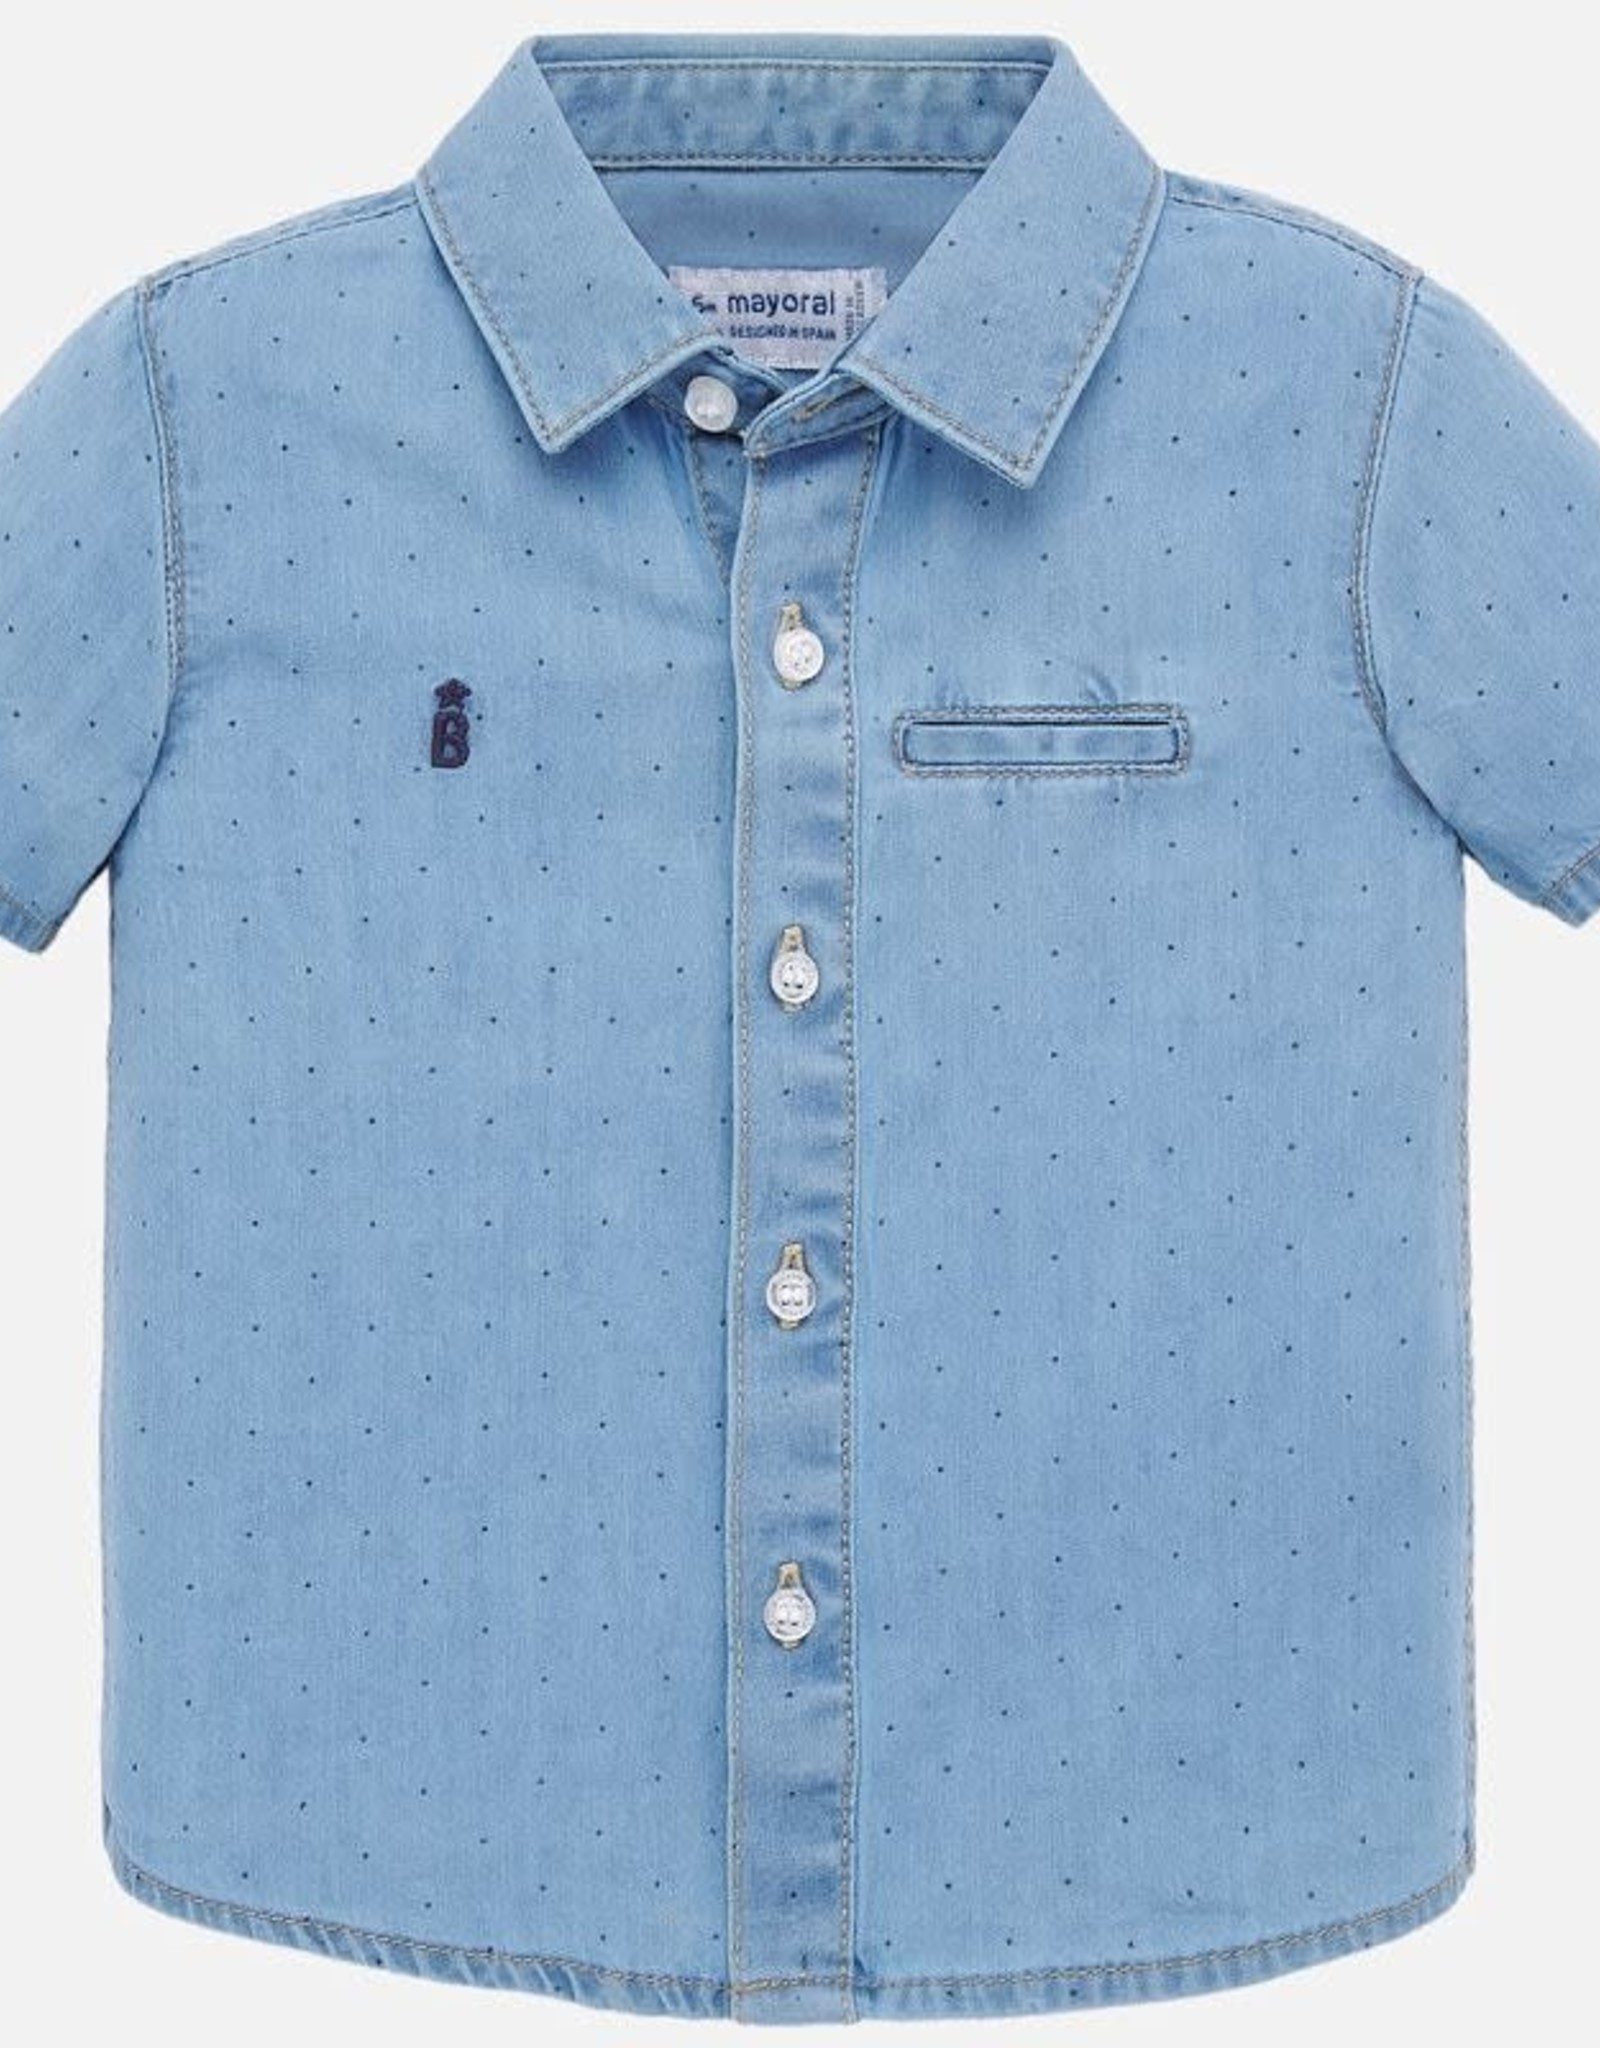 Mayoral Short Sleeve Denim Shirt